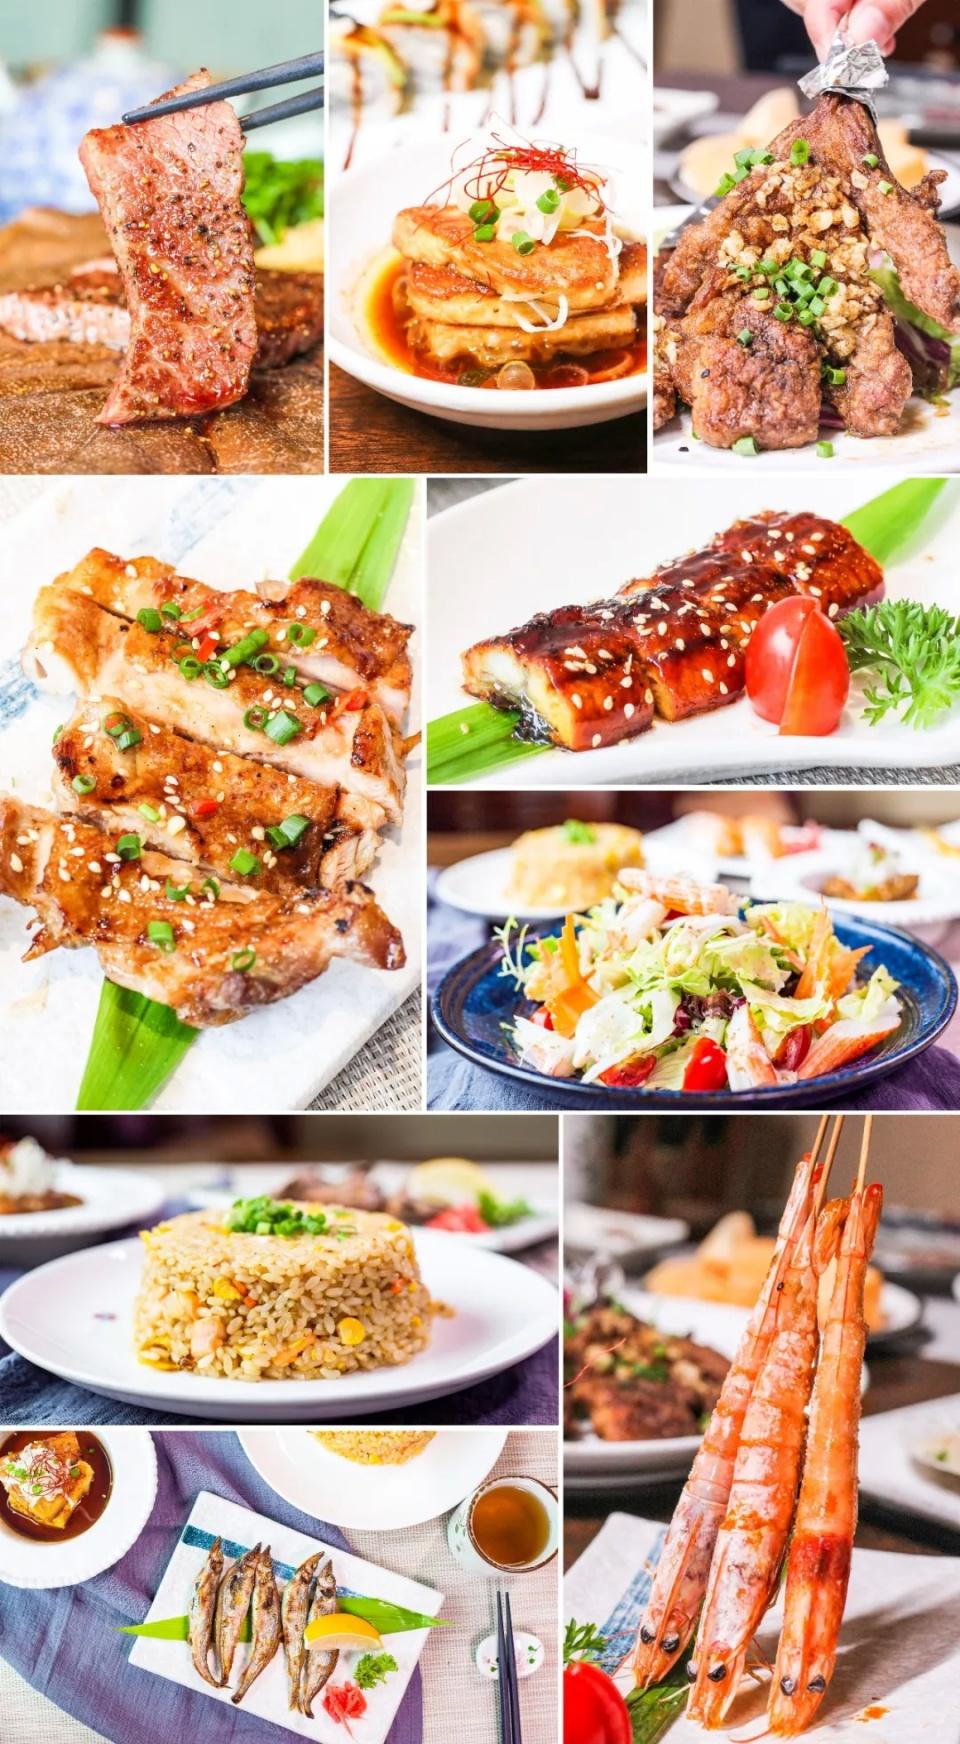 厦门超壕「日料自助」,120+料理无限畅吃,刺身鹅肝都是配角!